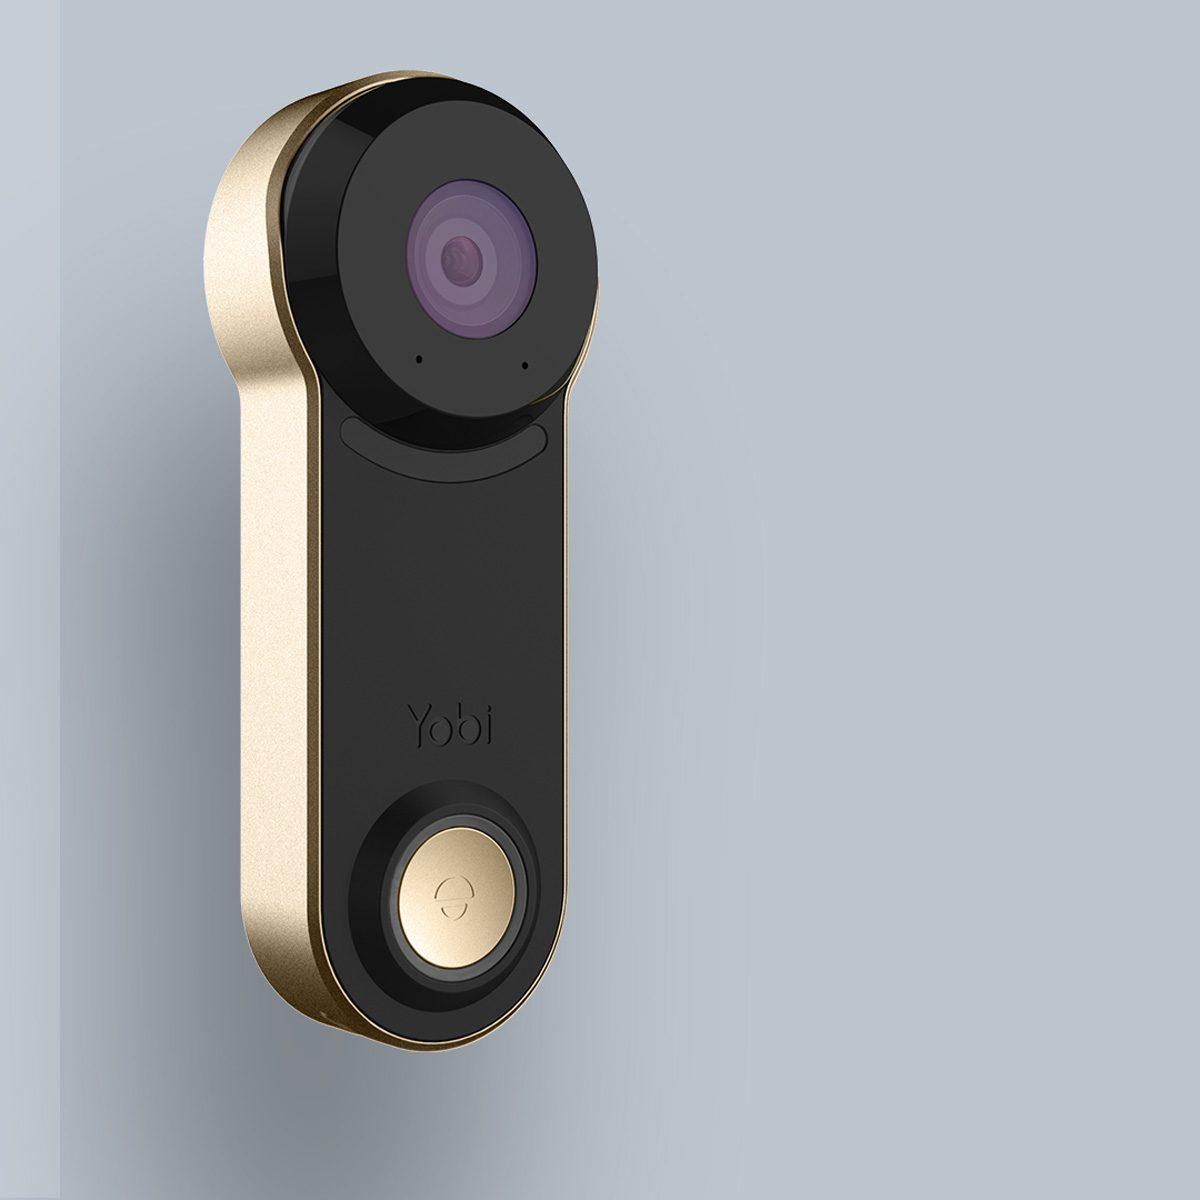 Yobi smart doorbell